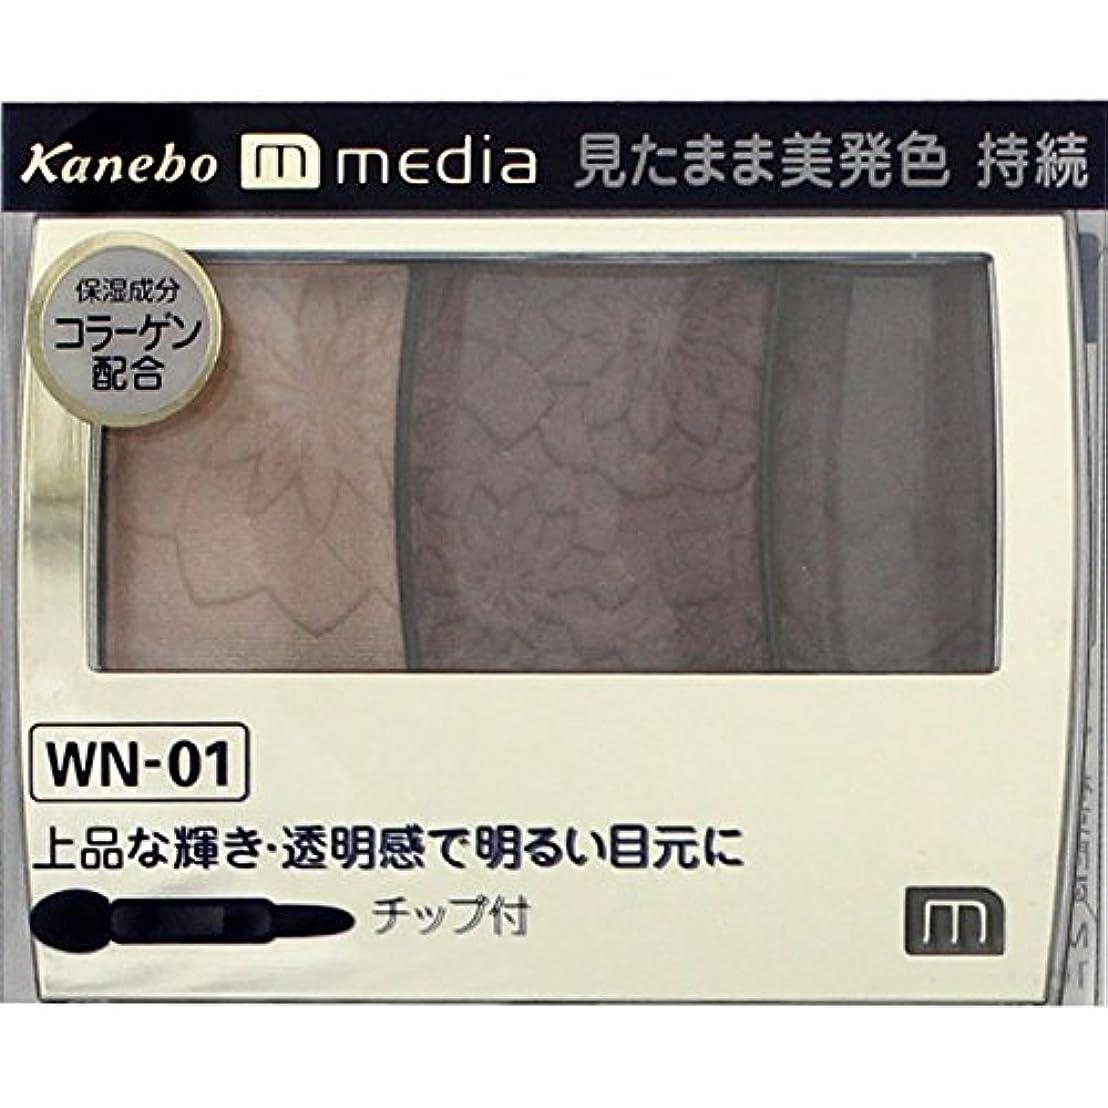 自治的財布薬局【カネボウ】 メディア グラデカラーアイシャドウ WN-01